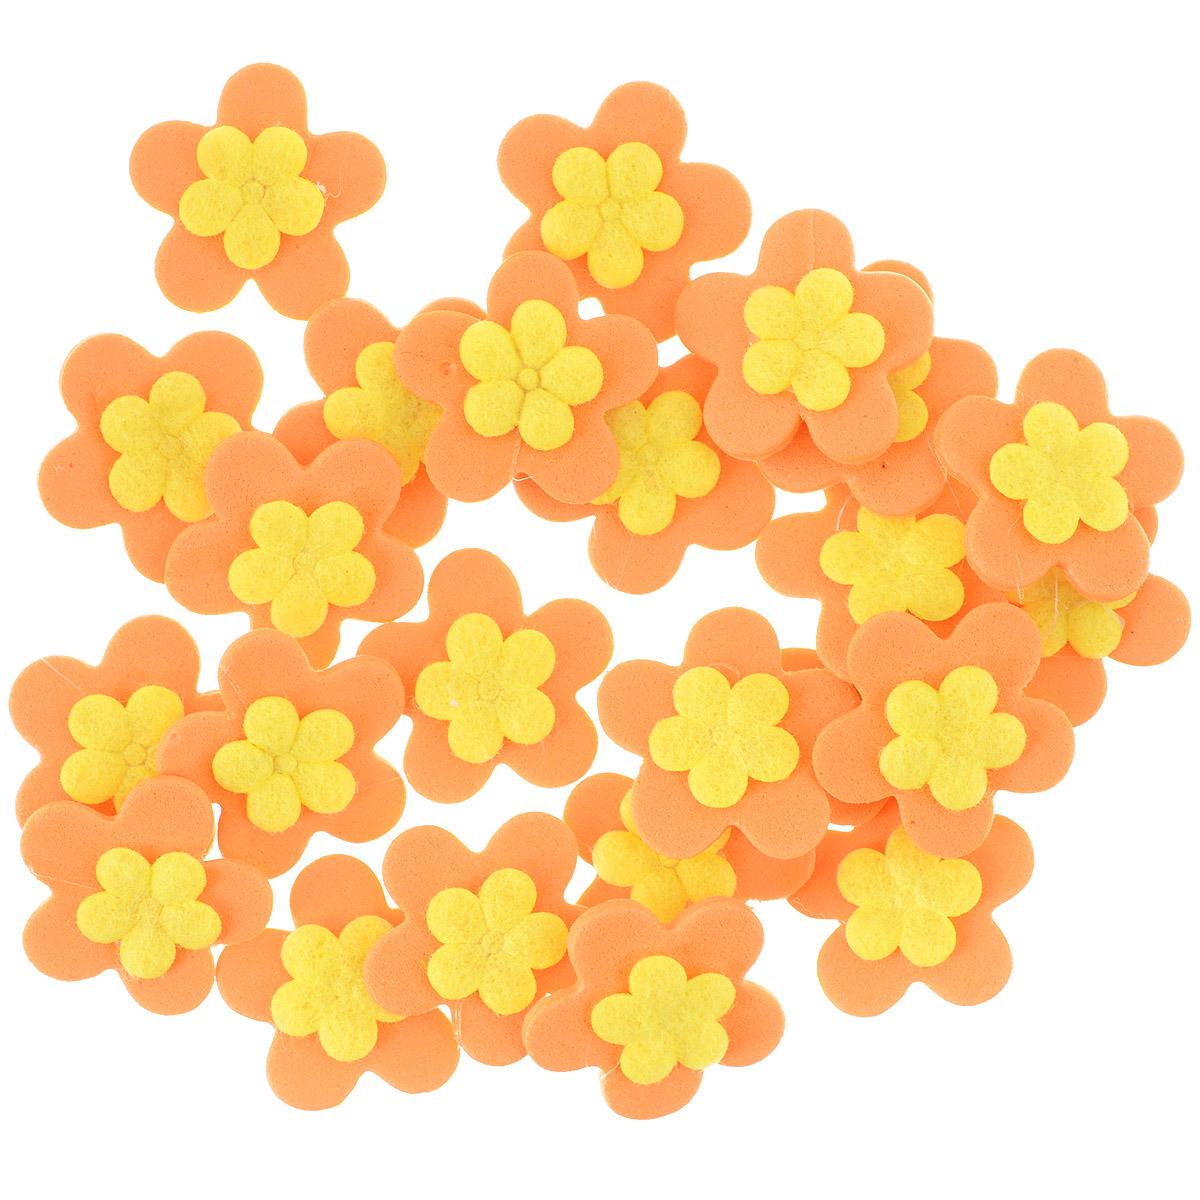 Набор декоративных украшений Home Queen Кувшинки, на клейкой основе, цвет: оранжевый, желтый, 24 шт58243_3Набор Home Queen Кувшинки состоит из 24 декоративных элементов и предназначен для украшения яиц, посуды, стекла, керамики, металла, цветочных горшков, ваз и других предметов интерьера. Украшения изготовлены из вспененной резины в виде цветов и фиксируются при помощи специальной клейкой основы. Такой набор украшений создаст атмосферу праздника в вашем доме. Размер фигурки: 2,3 см х 0,4 см х 2,3 см. Материал: вспененная резина.